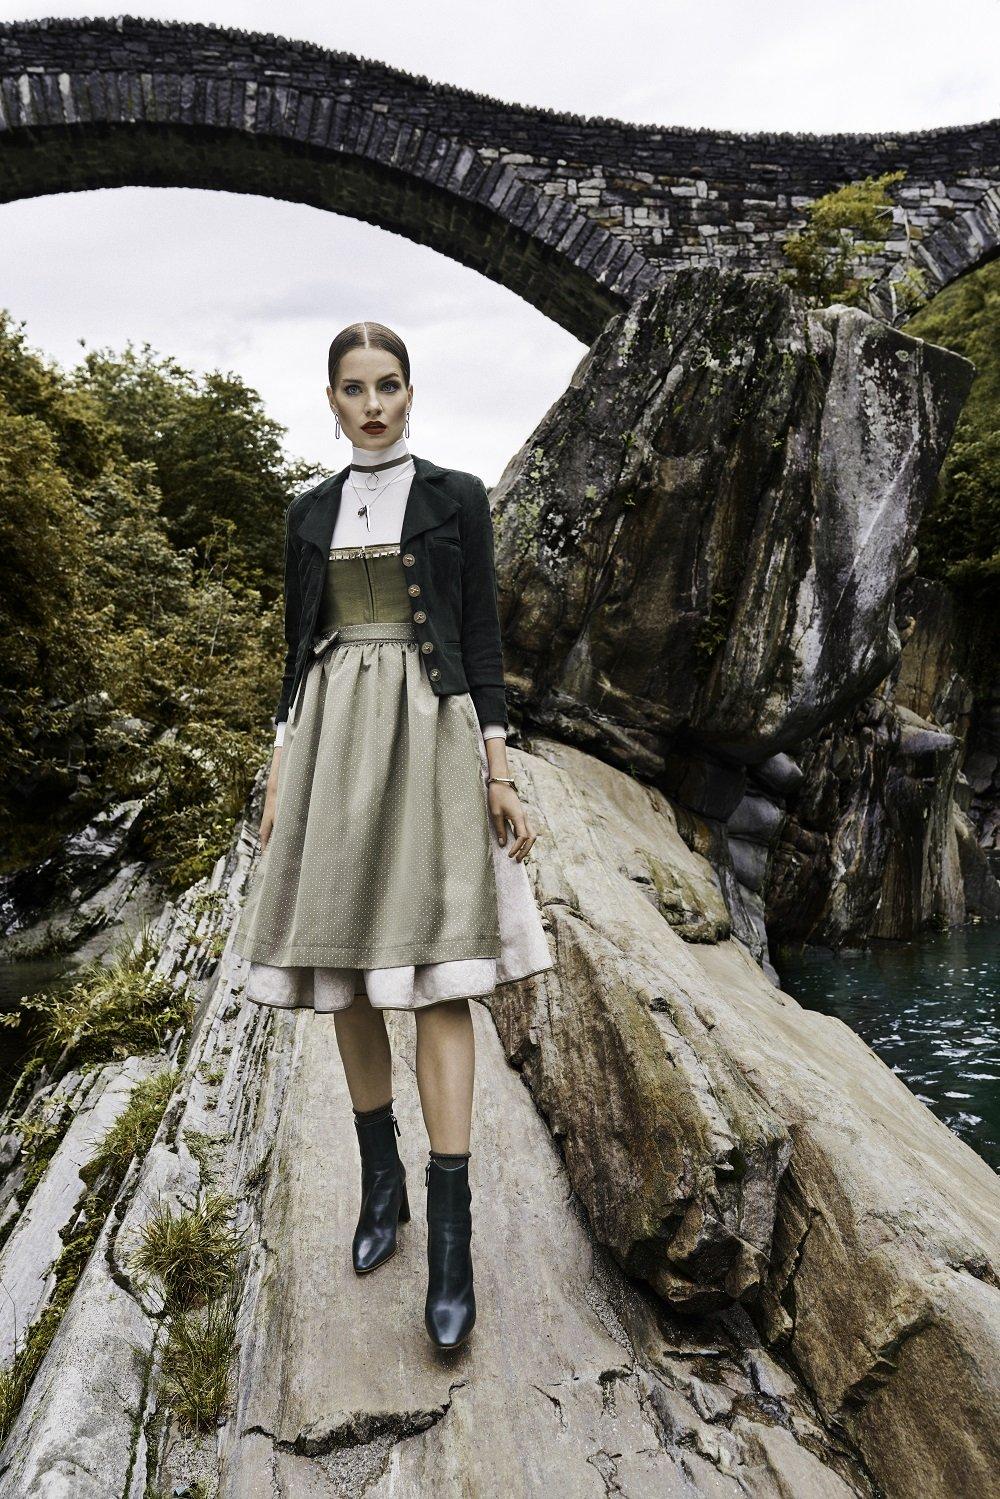 Heute stelle ich euch auf meinem Blog die begabte Stuttgarter Designerin Kinga Mathe in einem ausführlichen Interview etwas näher vor und zeige ihre Mode